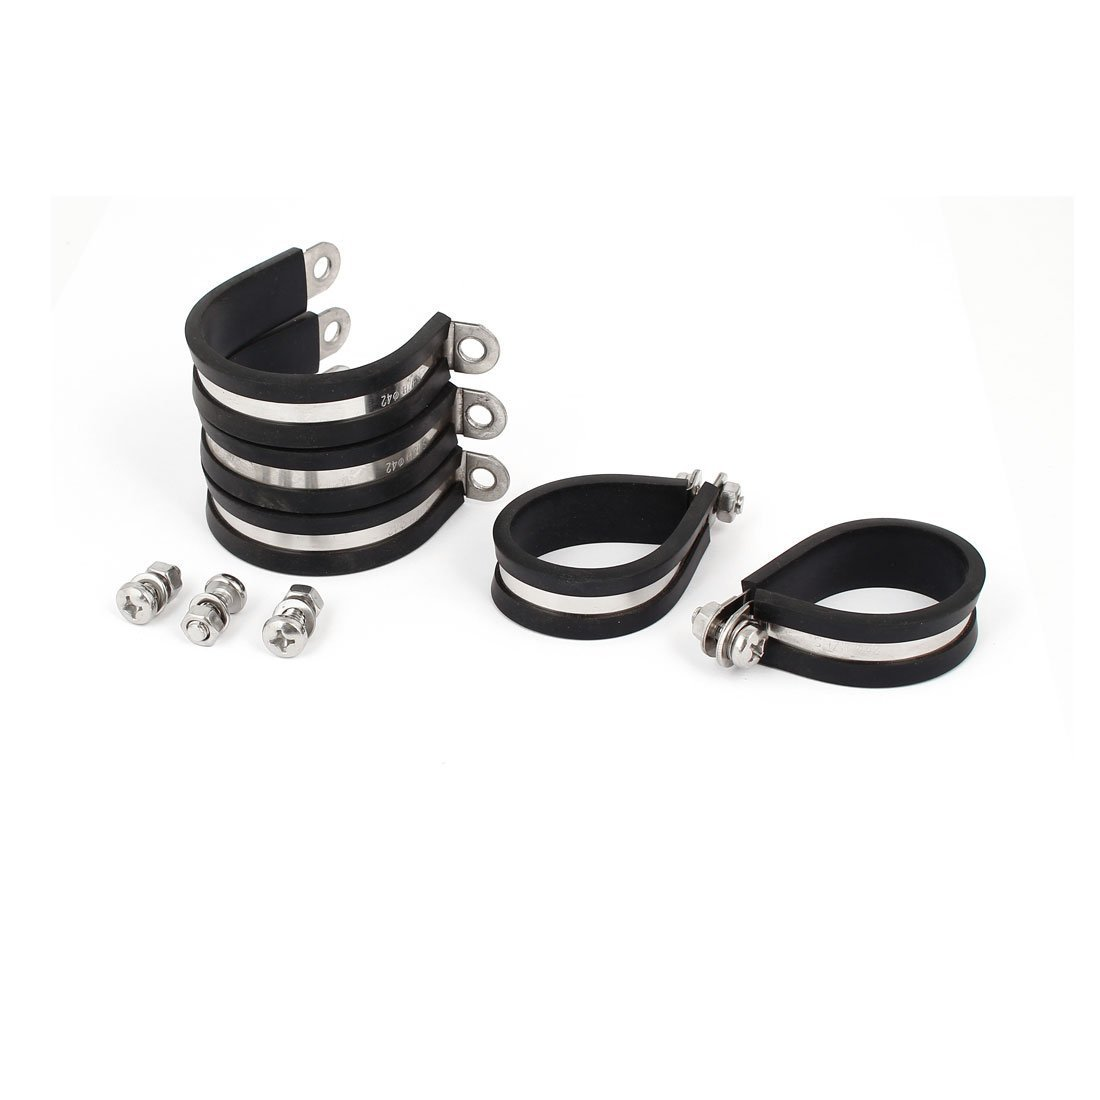 sourcingmap® 42 mm 304 acero inoxidable con revestimiento de goma EPDM P abrazaderas de manguera abrazadera de tubo 5pcs a16081200ux0048